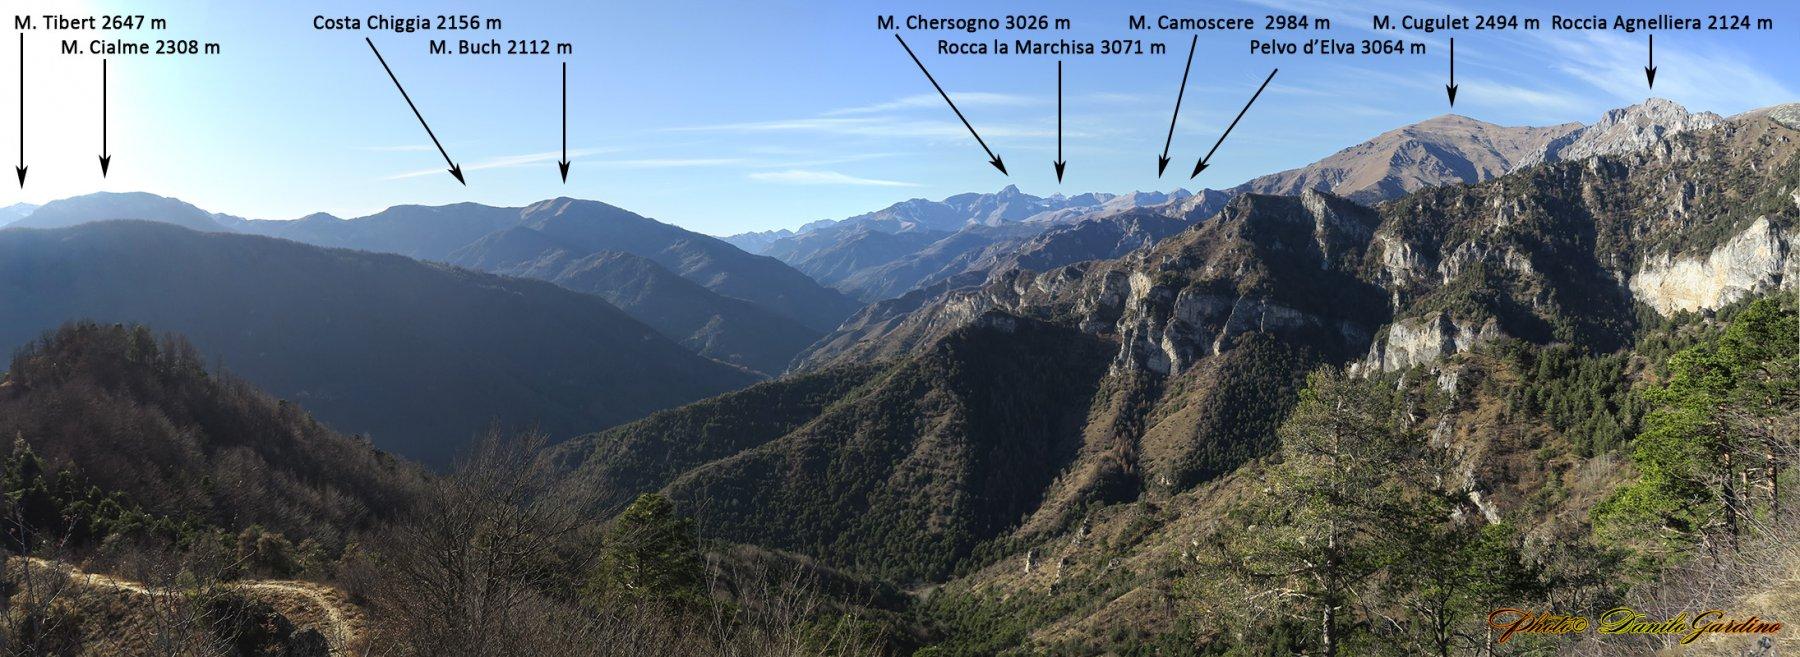 Panorama con descrizione dei monti